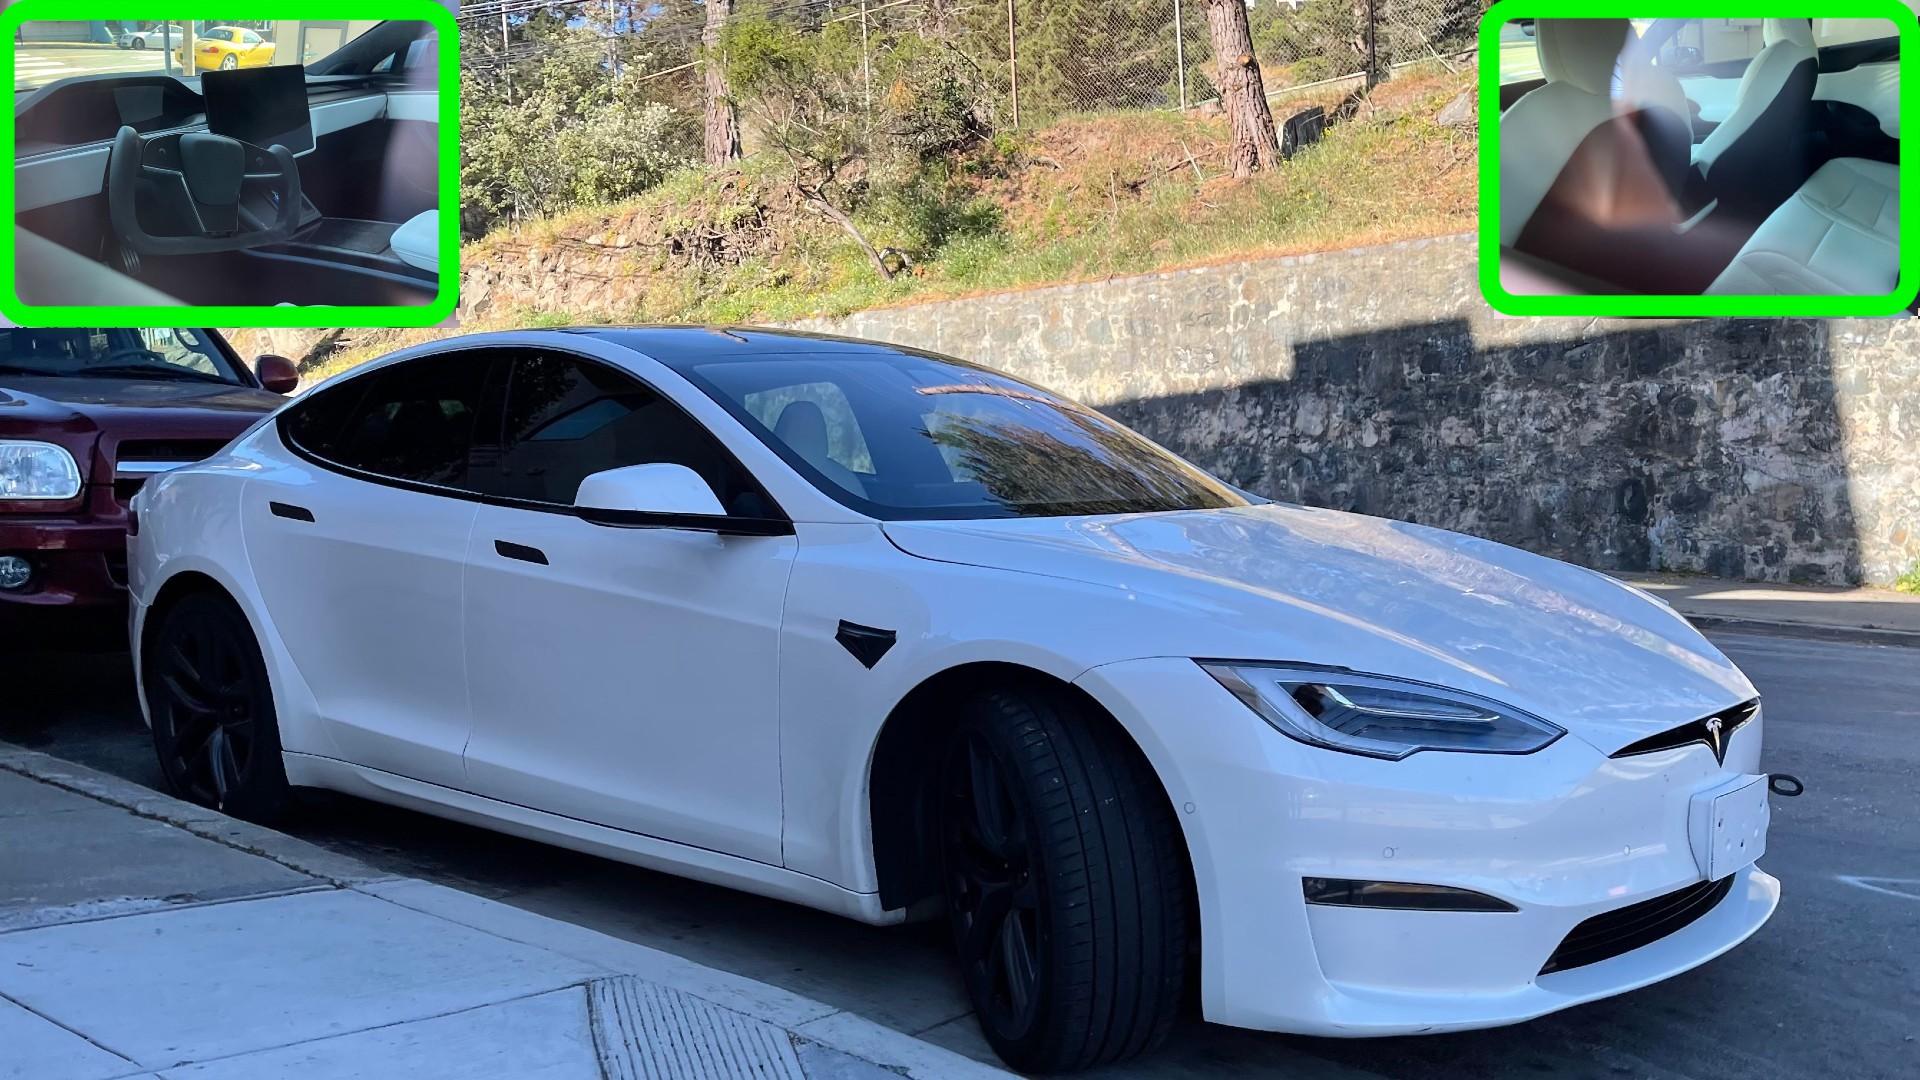 На фотографиях Tesla Model S Plaid лучше всего виден новый интерьер на сегодняшний день